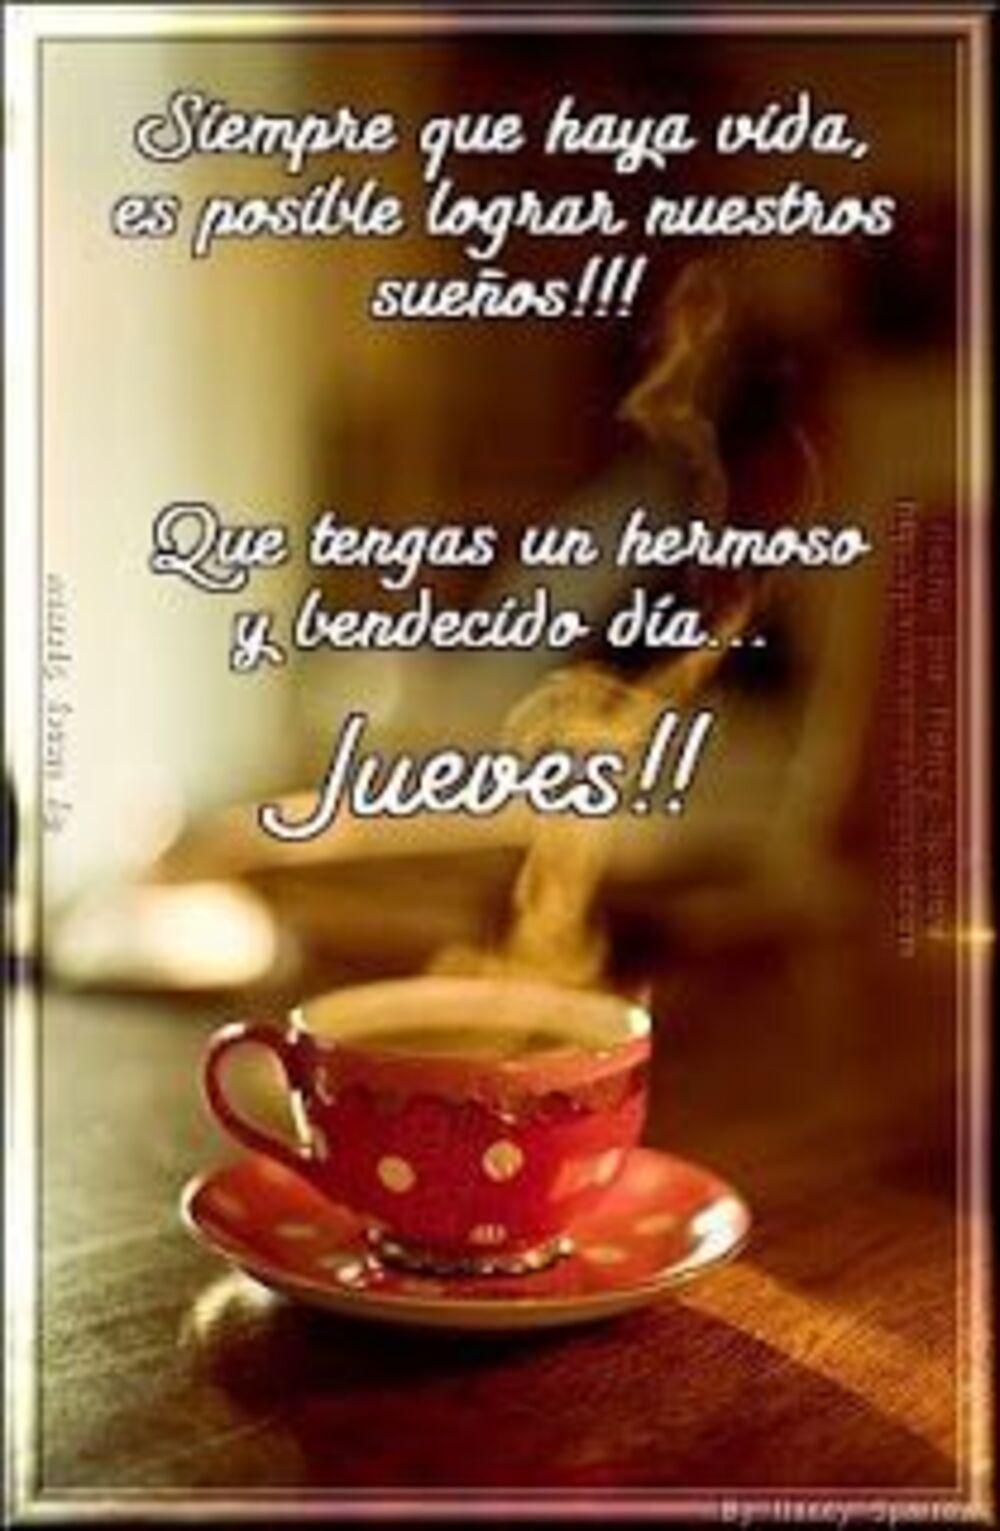 Siempre que haya vida, es posible lograr nuestros sueños!!! Que tengas un hermoso y bendecido dia...Jueves!!